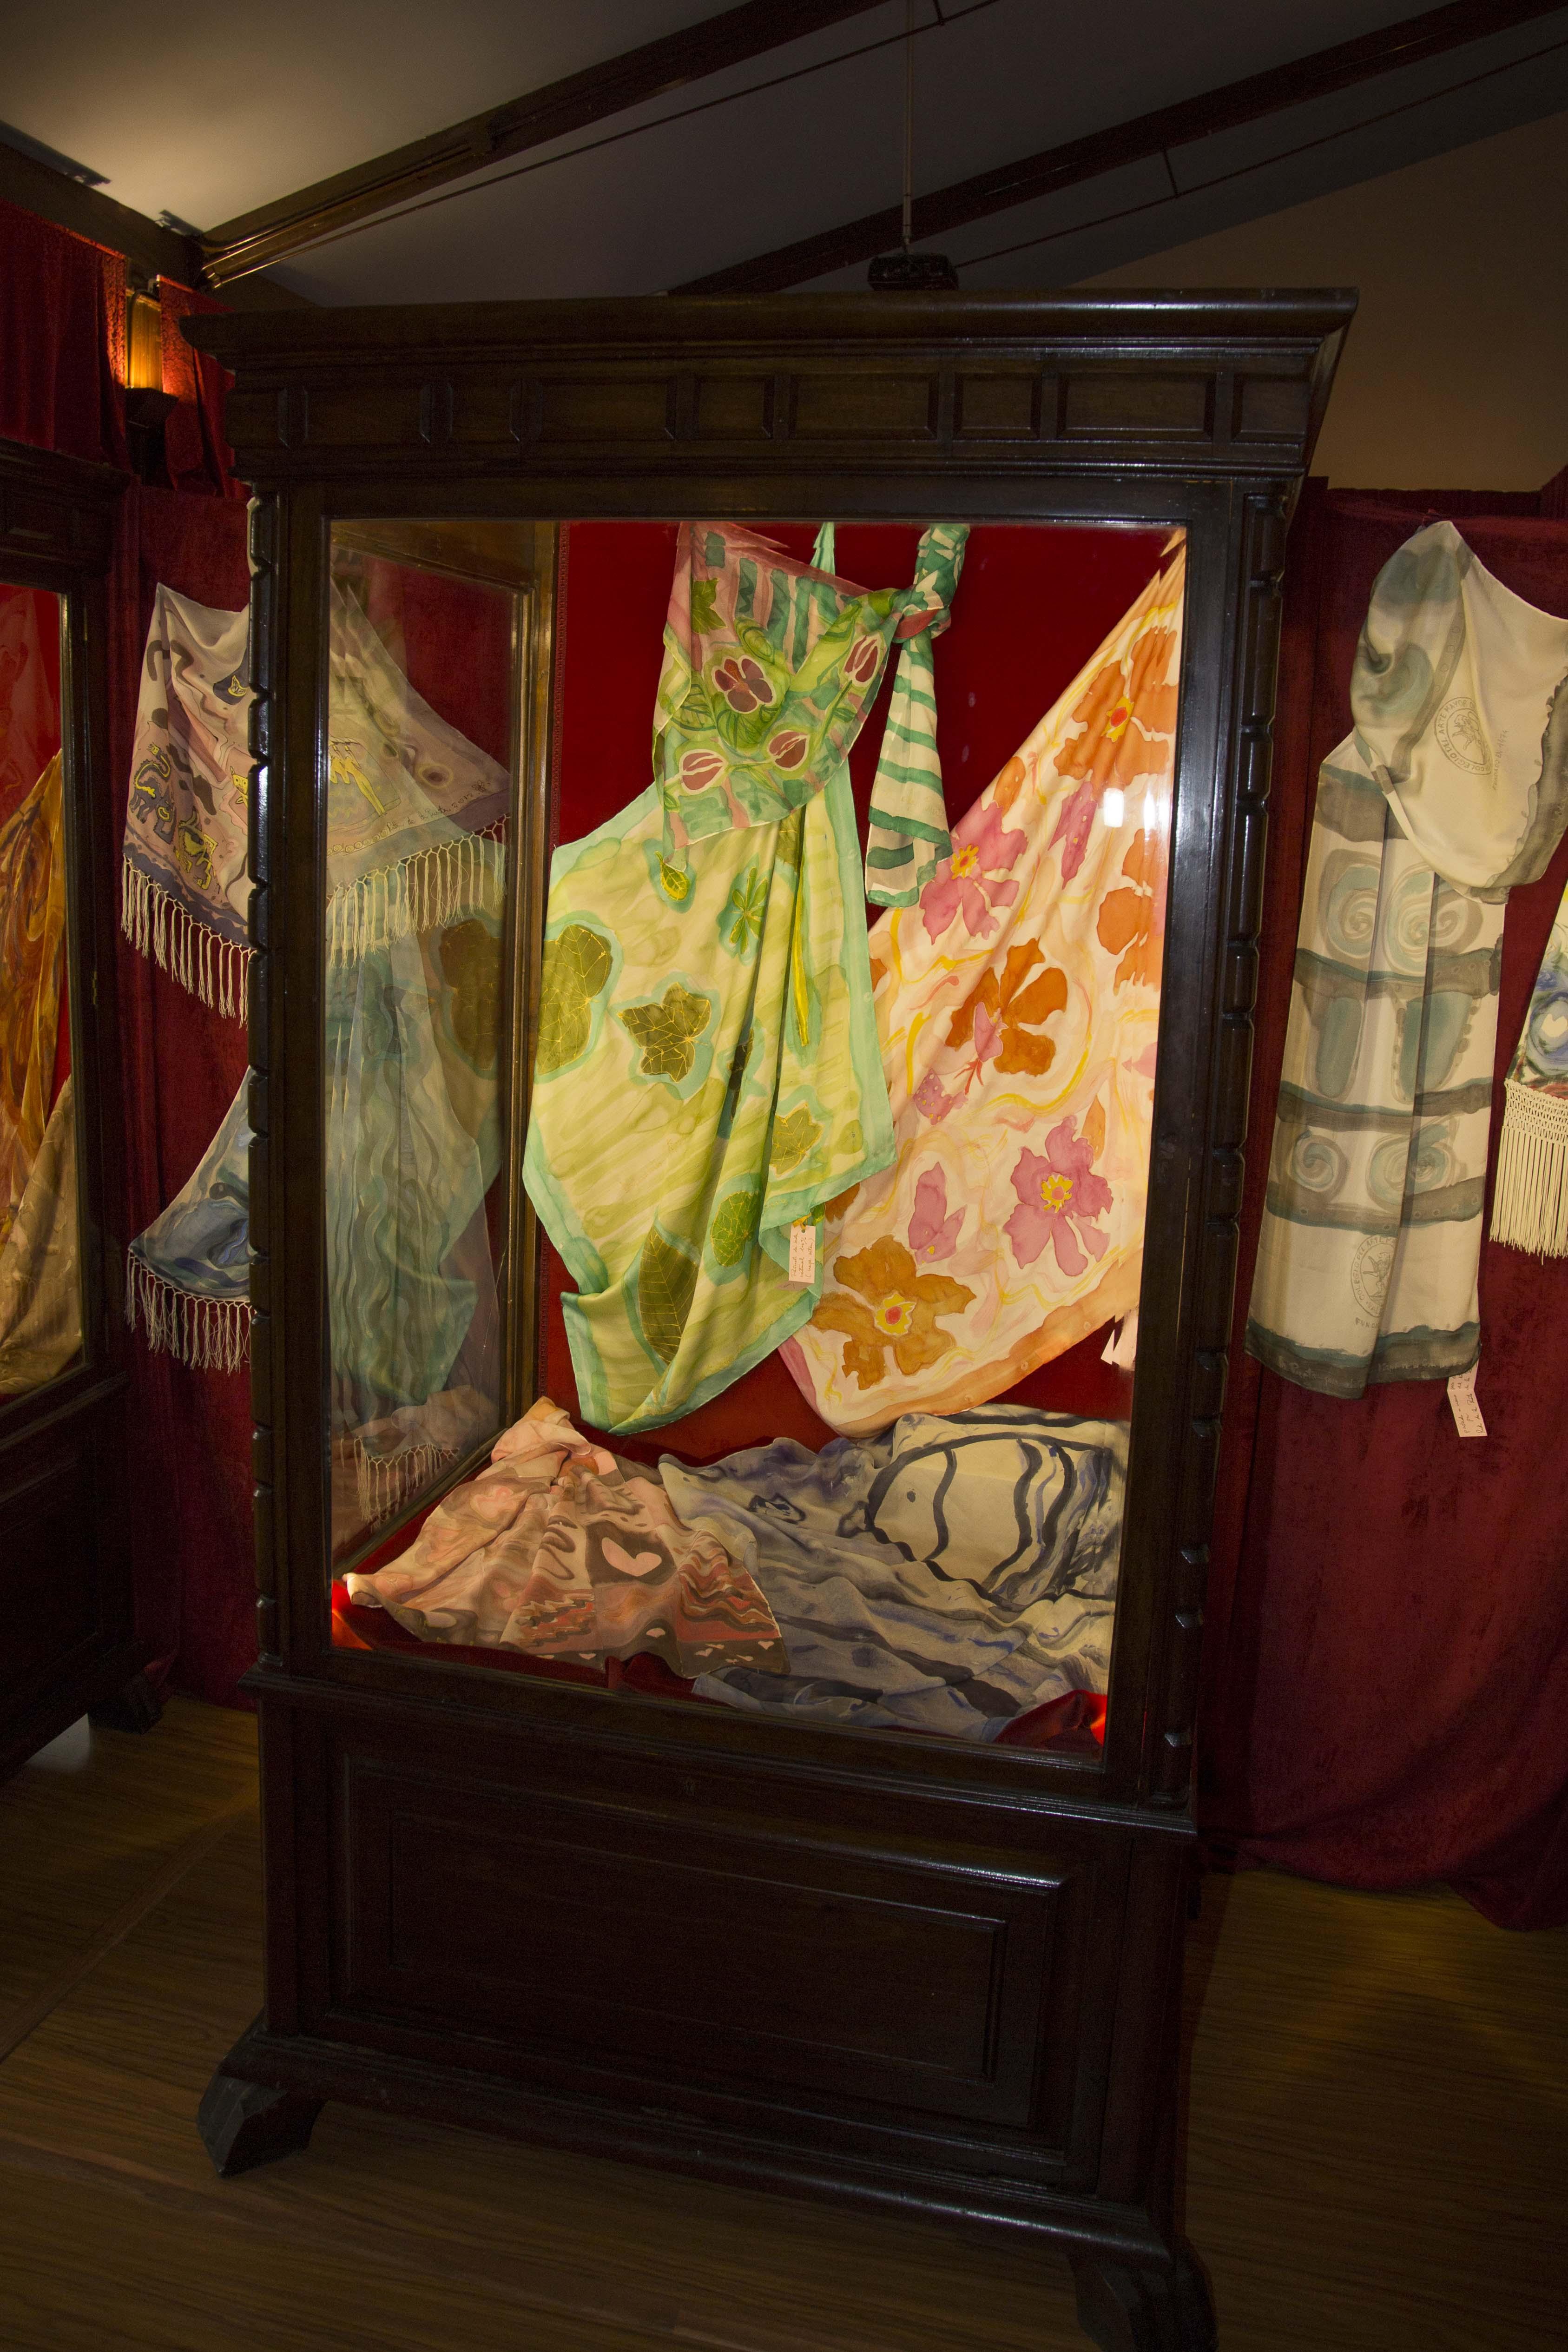 Vitrinas con pañuelos a flores y hojas verdes  en la Exposición Colegio del arte mayor de la seda de Valencia. Fotografía: Baúl de Fotos.